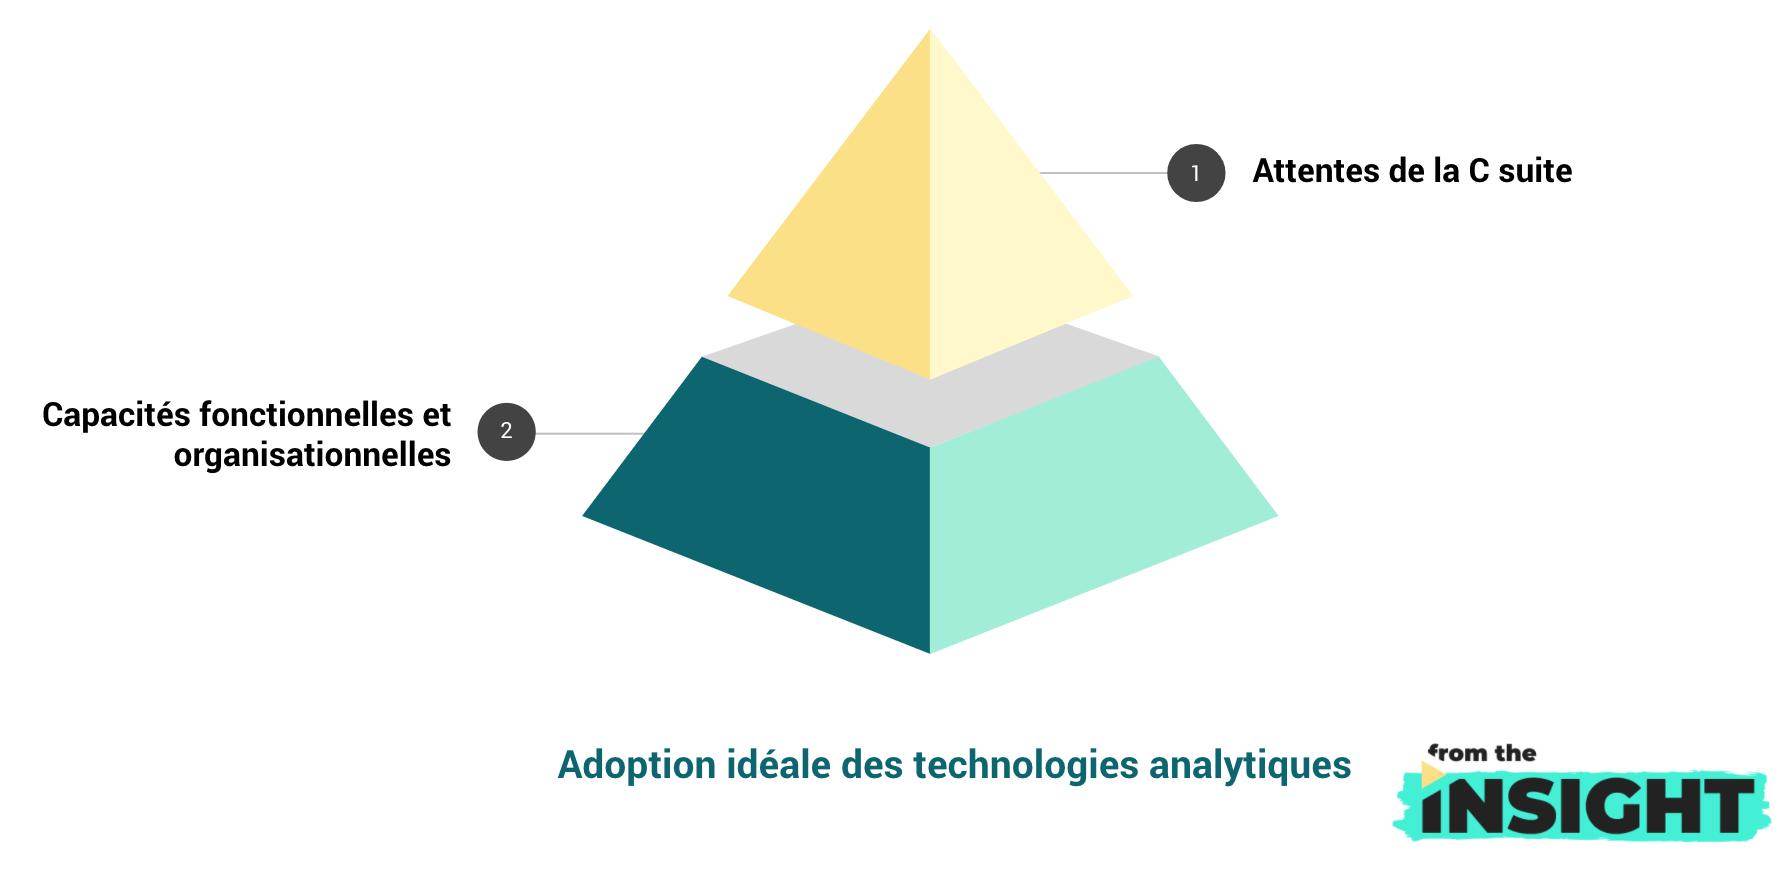 adoption des technologies analytiques : situation idéale